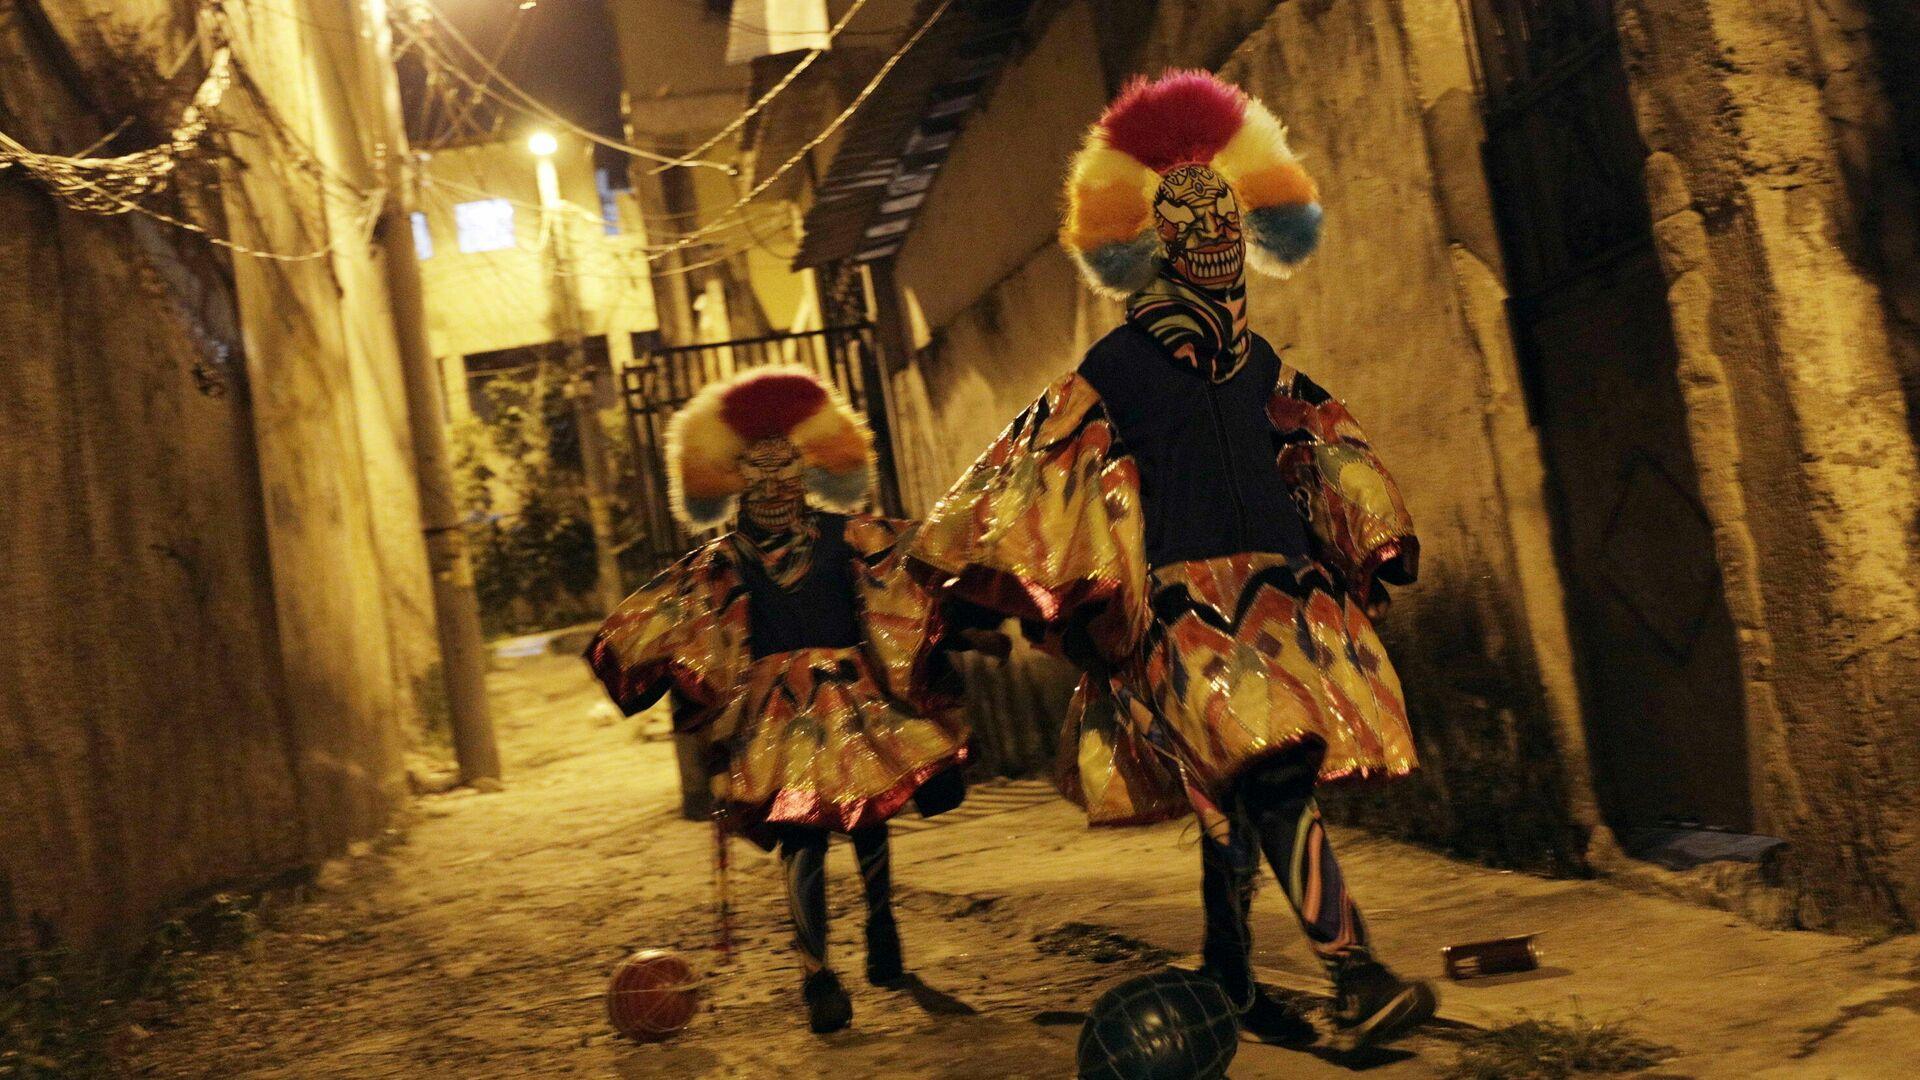 Carnaval Brasil - Sputnik Mundo, 1920, 14.06.2021